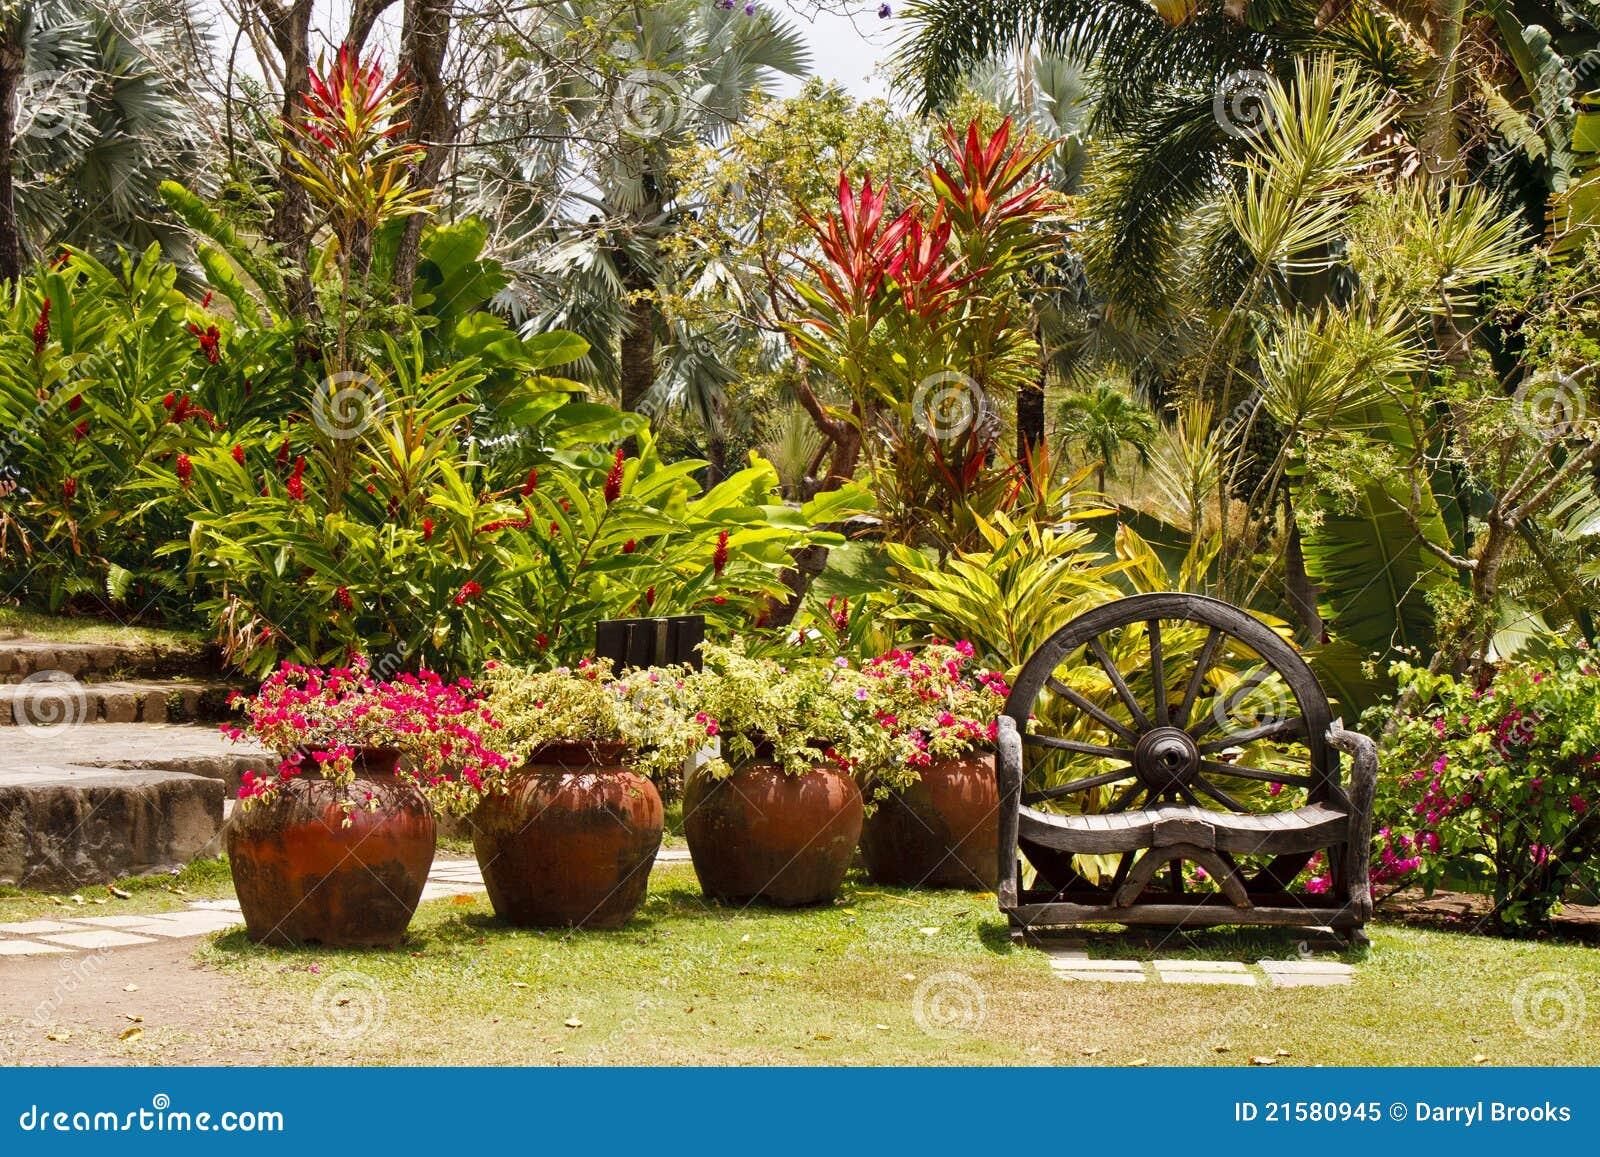 fotos de jardim tropical:Green Lush Tropical Gardens